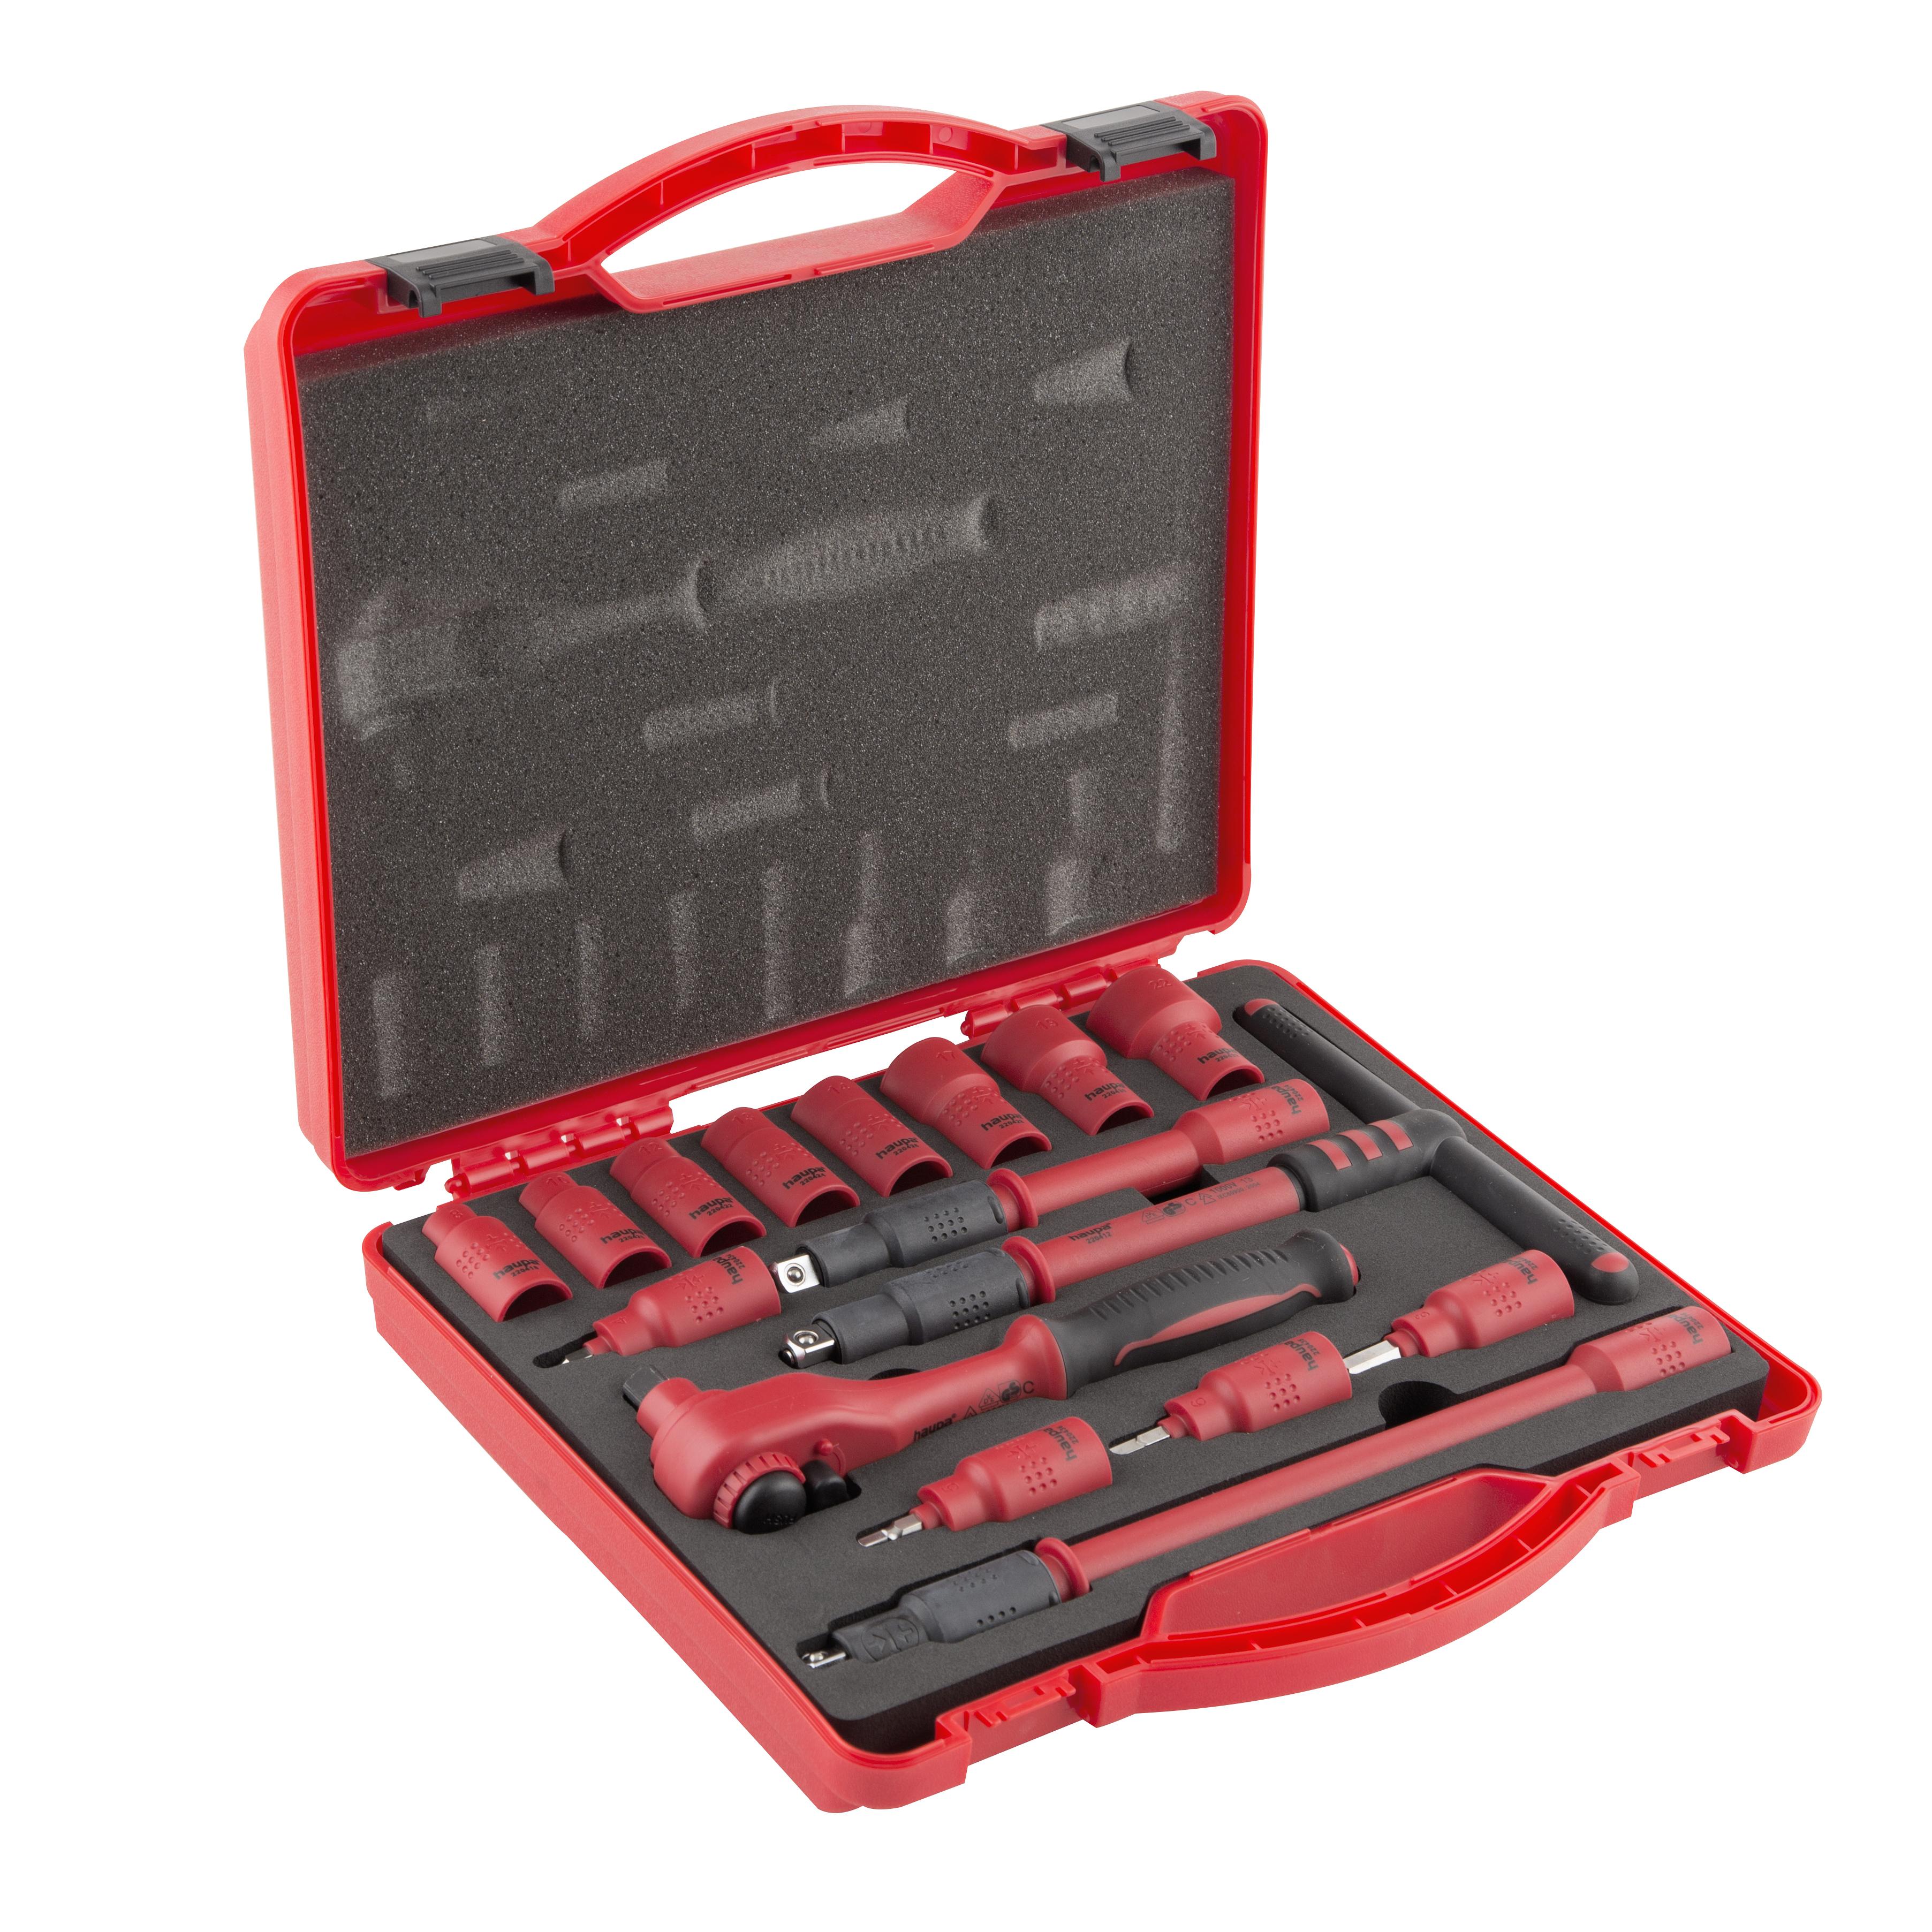 Профессиональный набор инструментов, 16 предметов Haupa 220402 фонарь haupa 130314